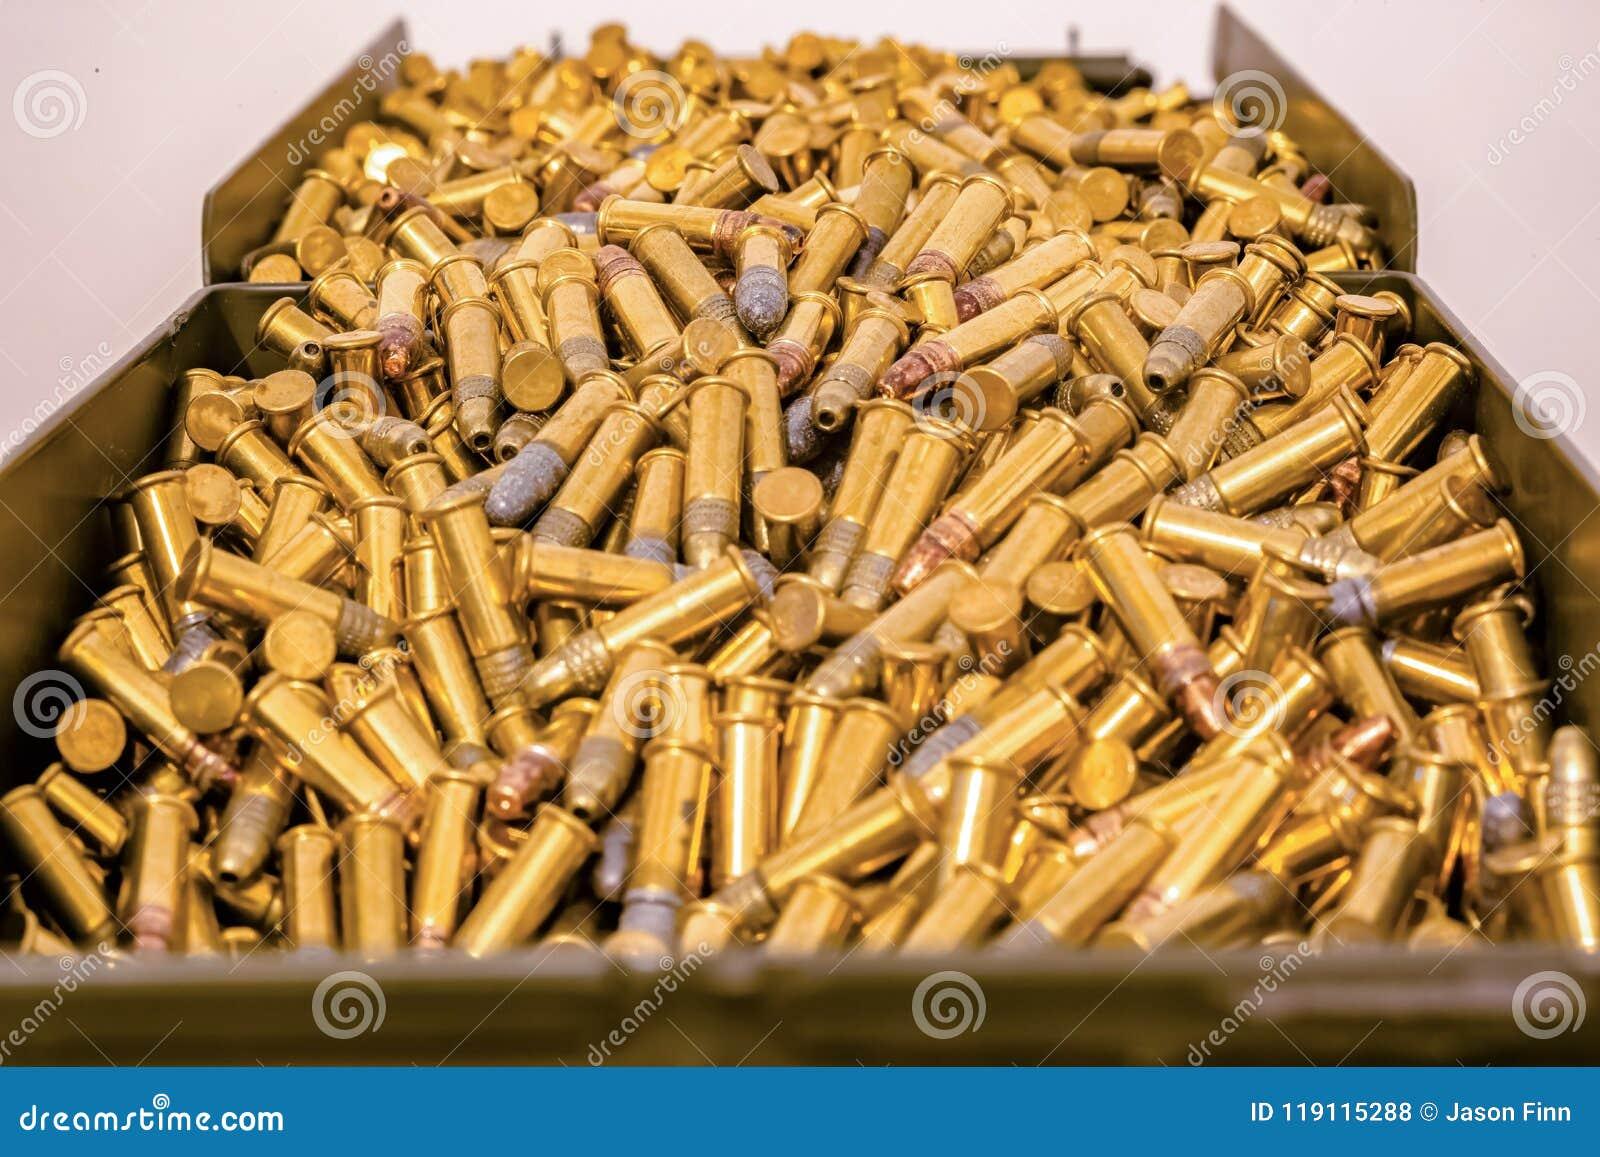 Caja grande de la munición por completo de balas